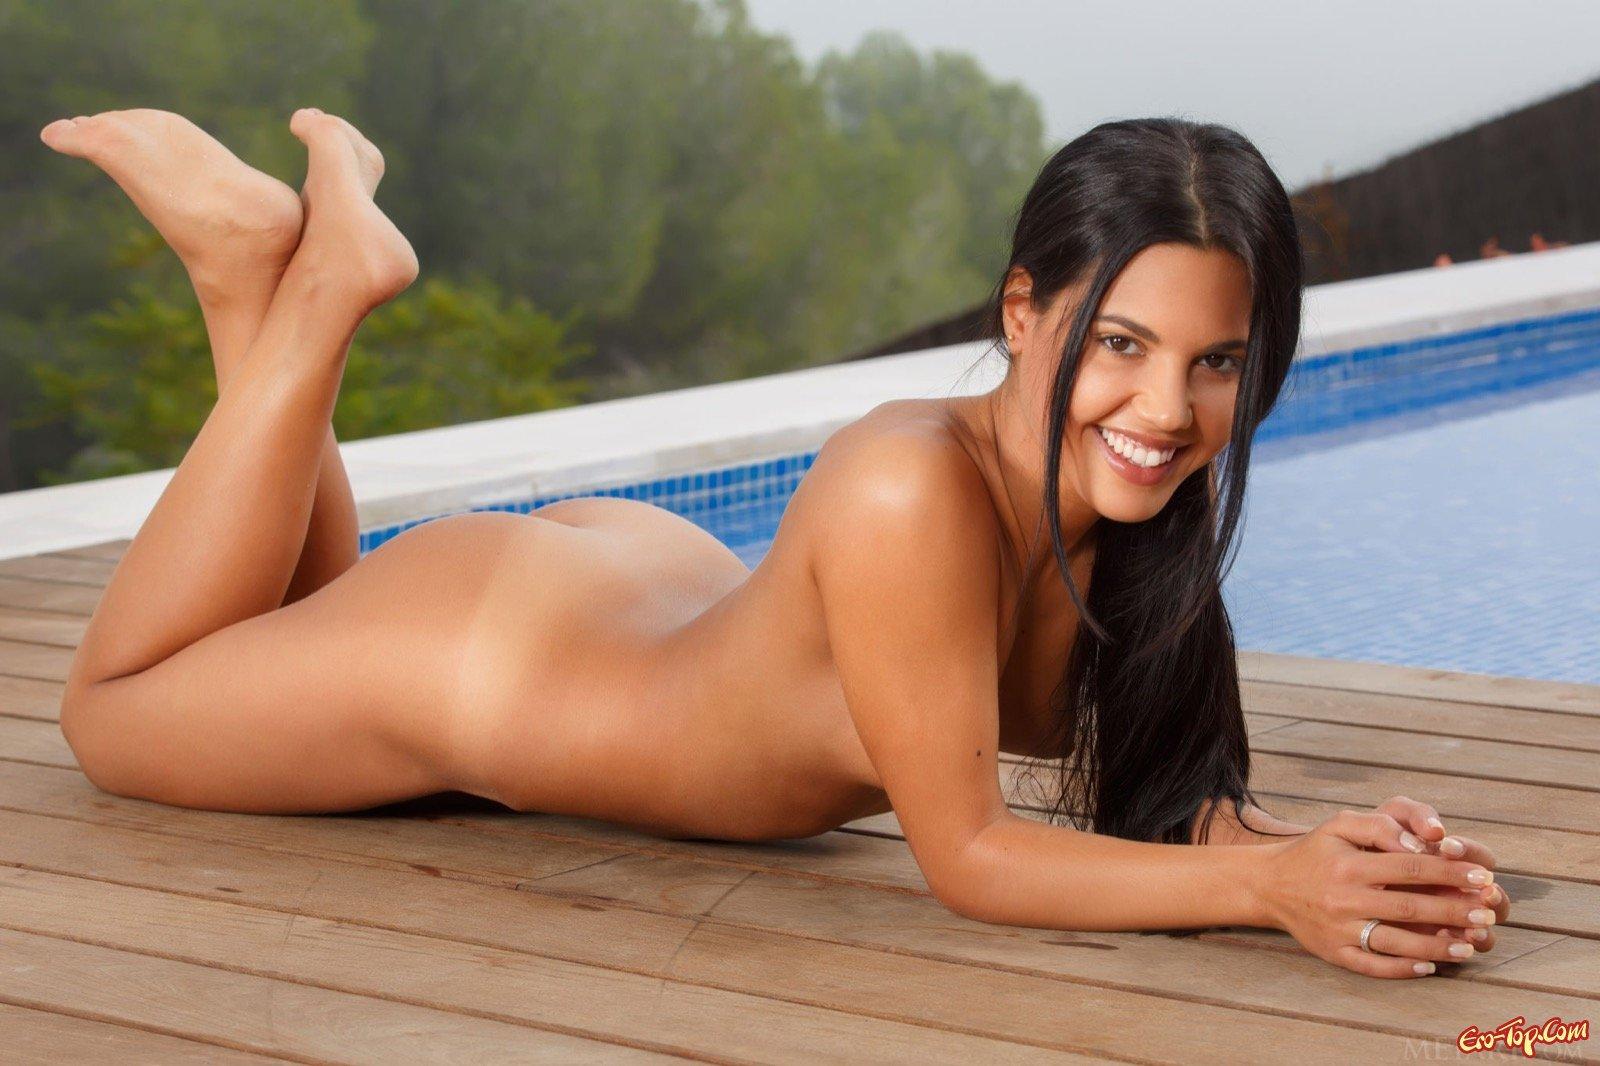 Брюнеточка с плоскими сиськами у бассейна смотреть эротику